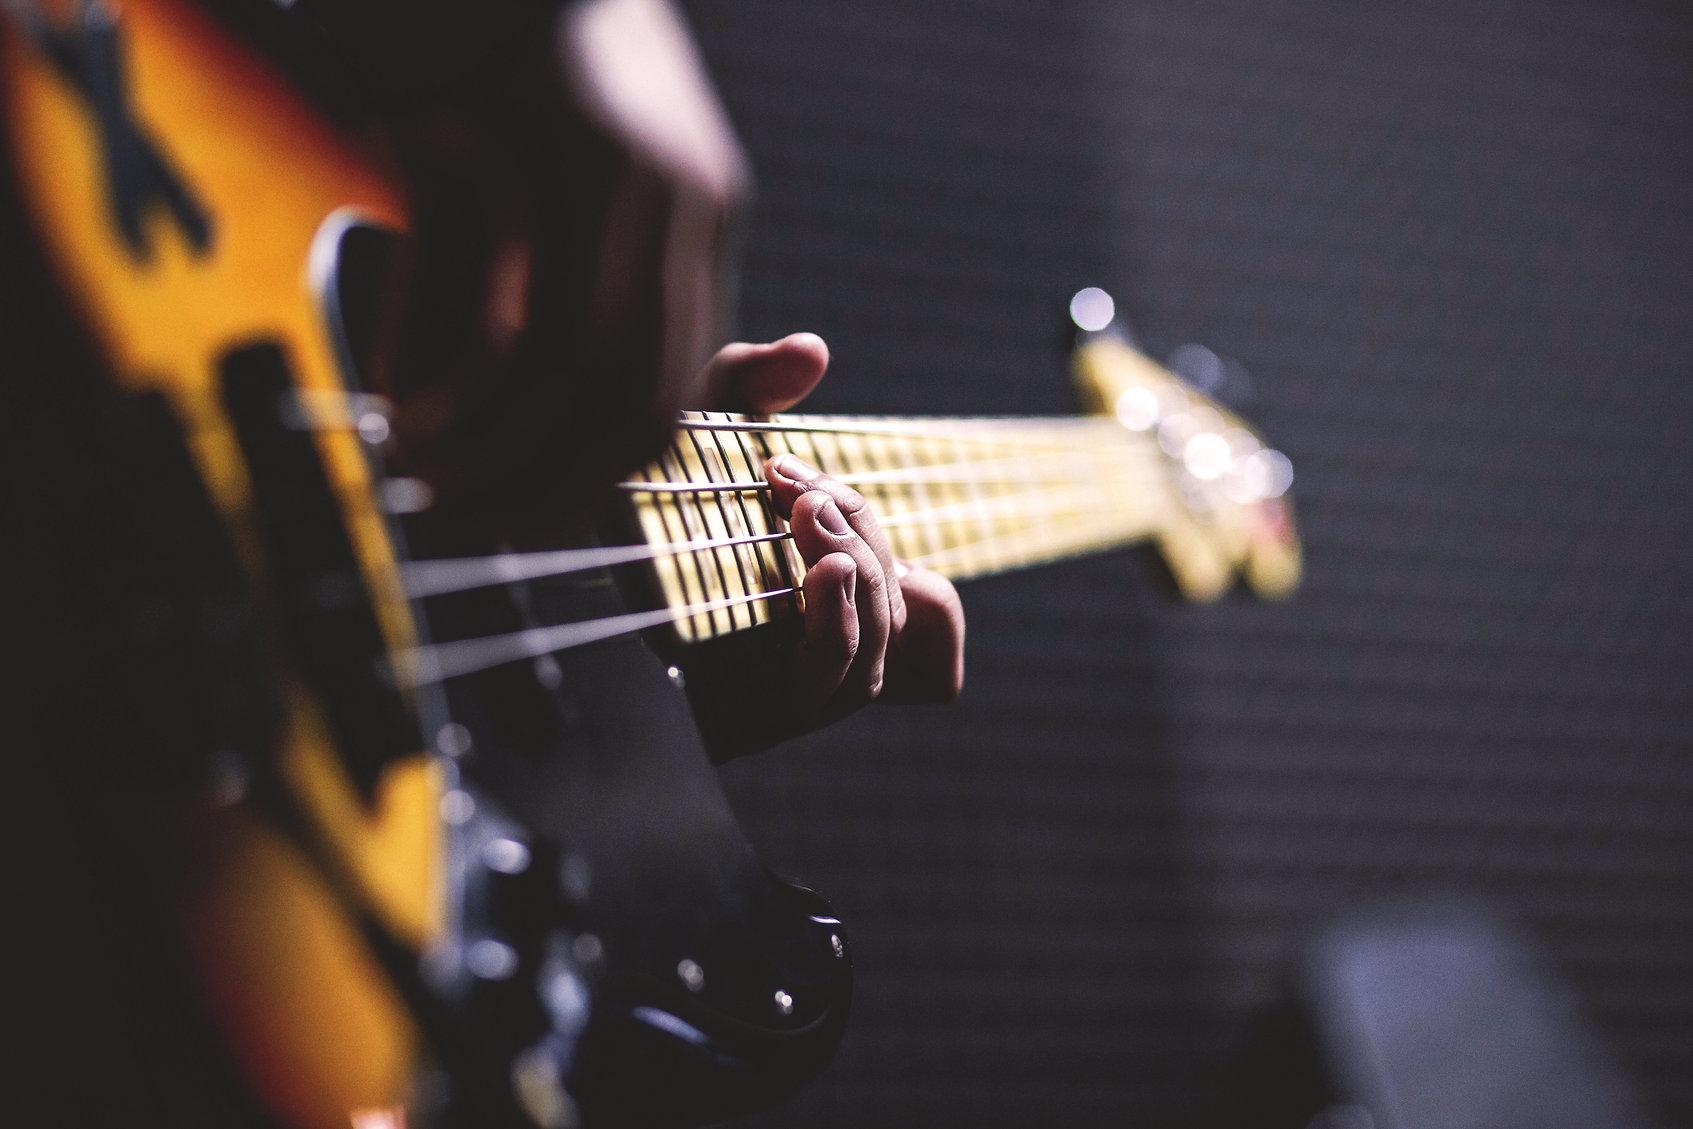 bass-guitar-1841186.jpg